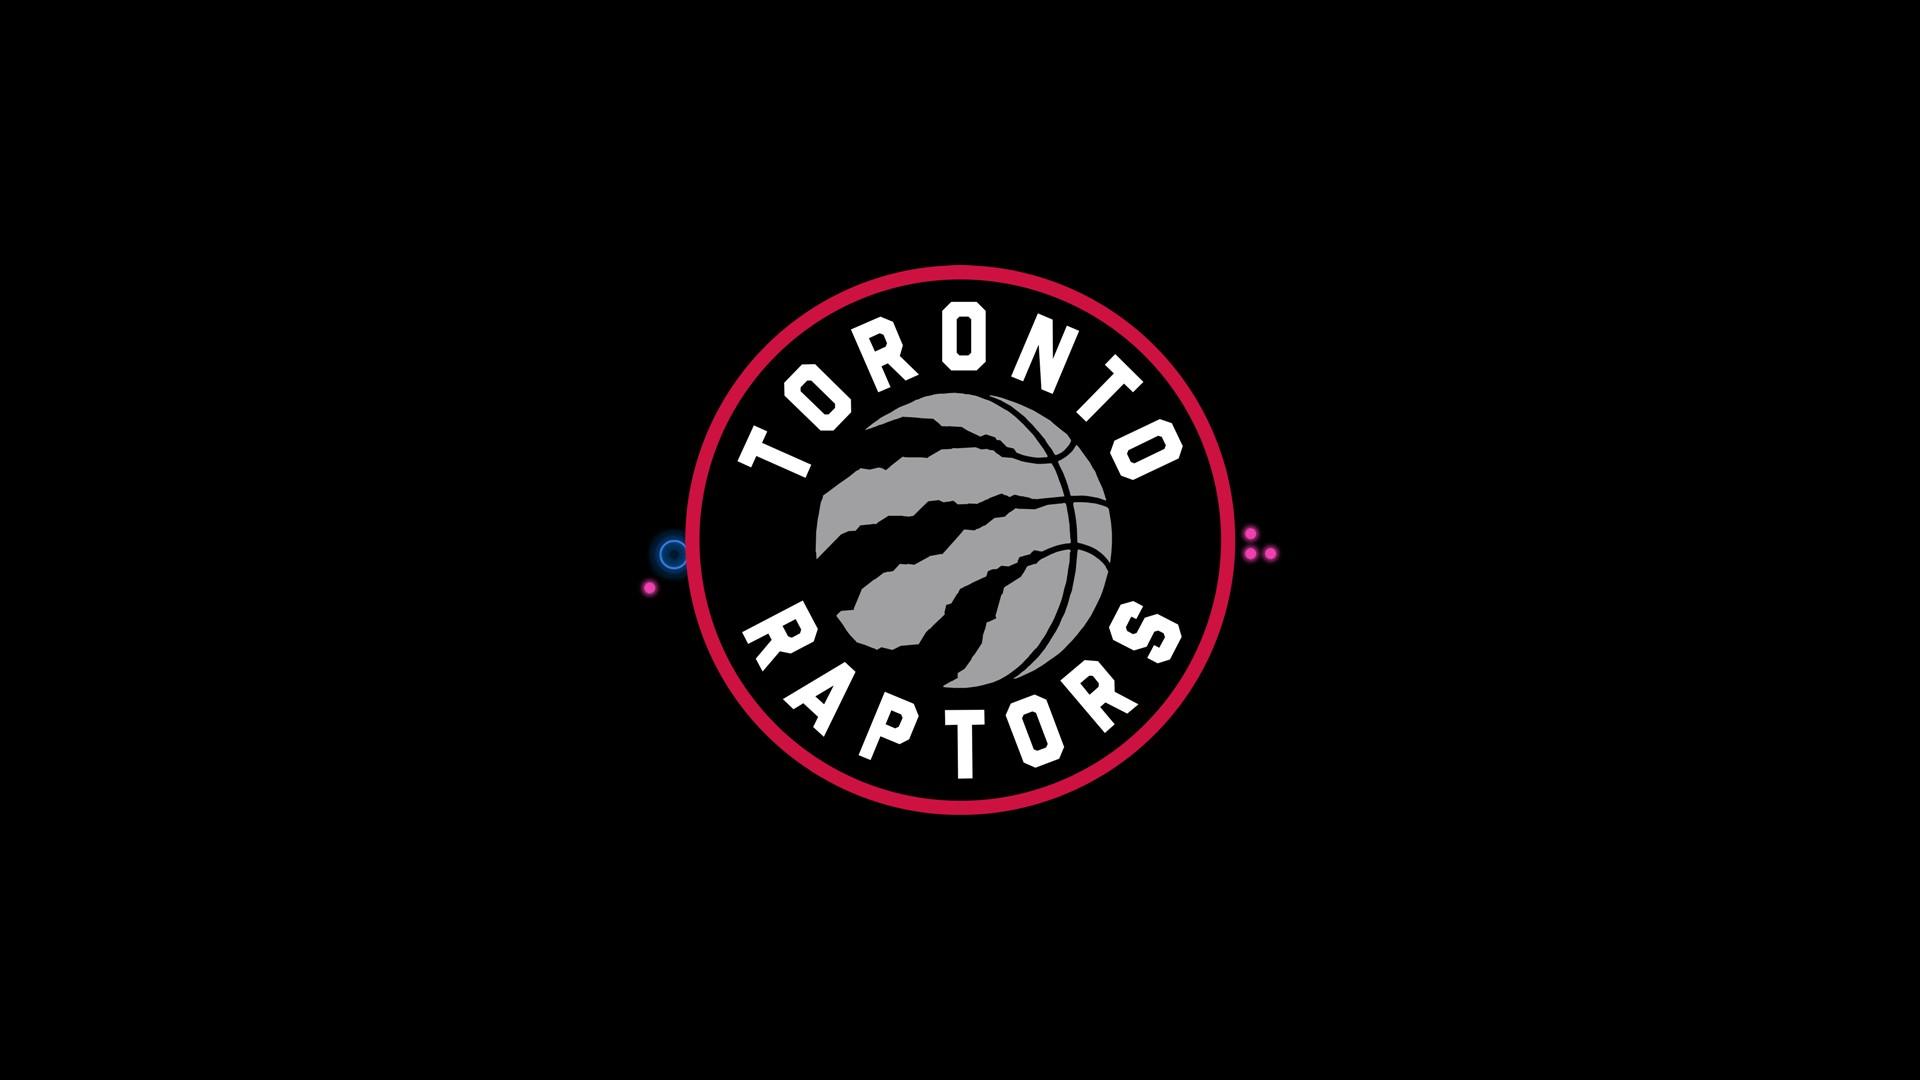 Raptors Basketball Desktop Wallpaper 2019 Basketball Wallpaper 1920x1080